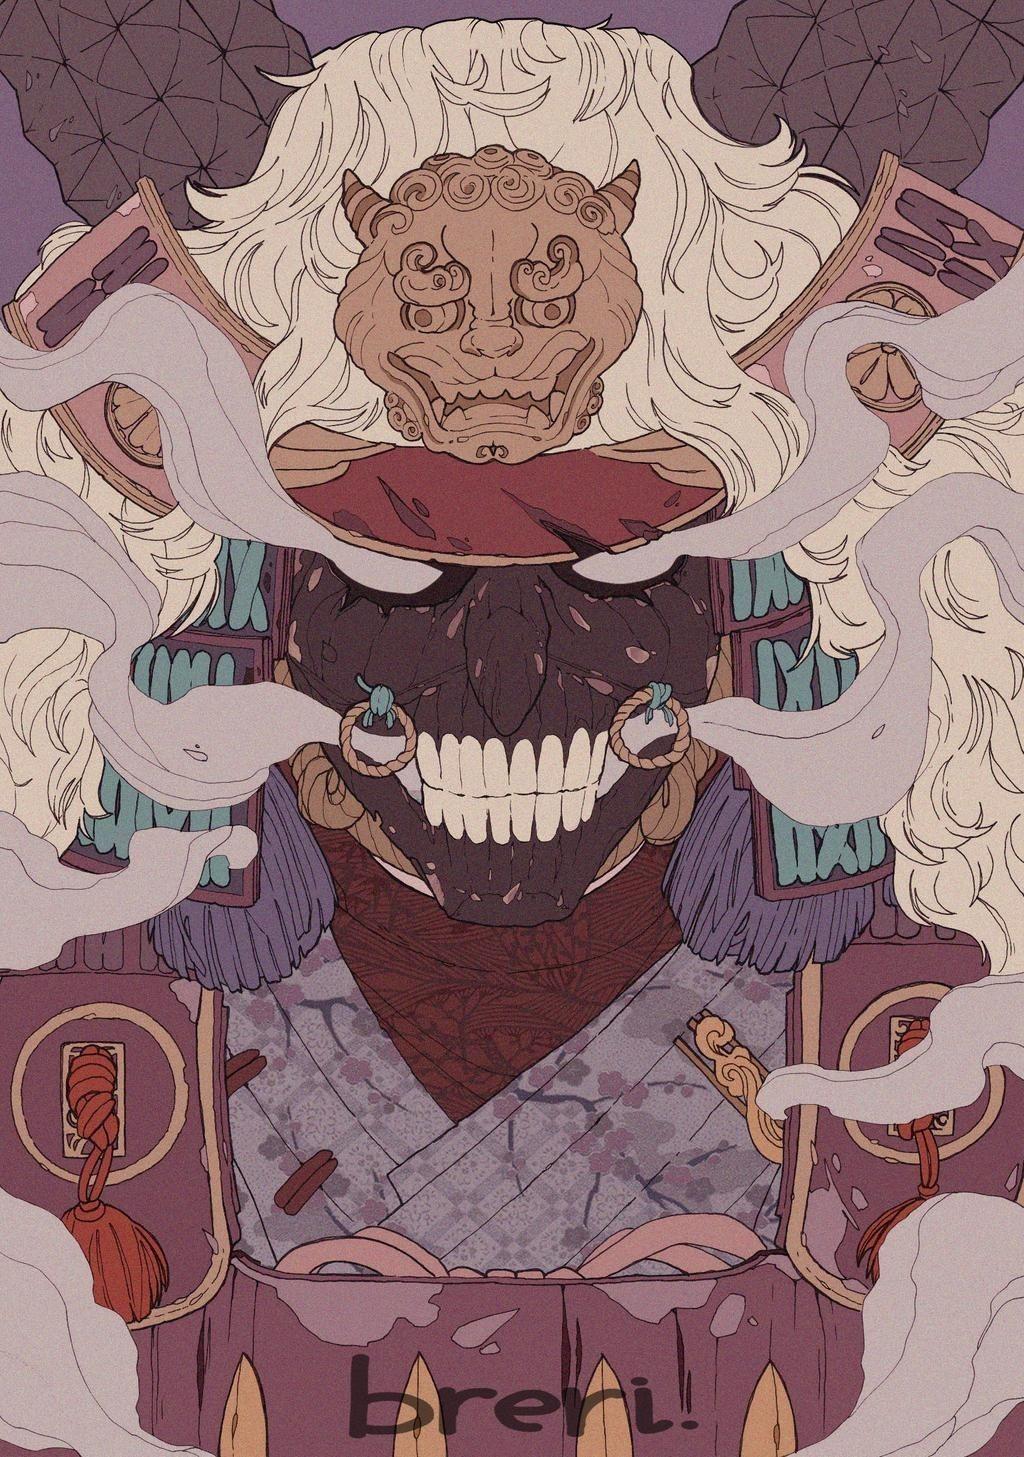 Pin de Amaya em Samurai em 2020 Tutoriais de desenho